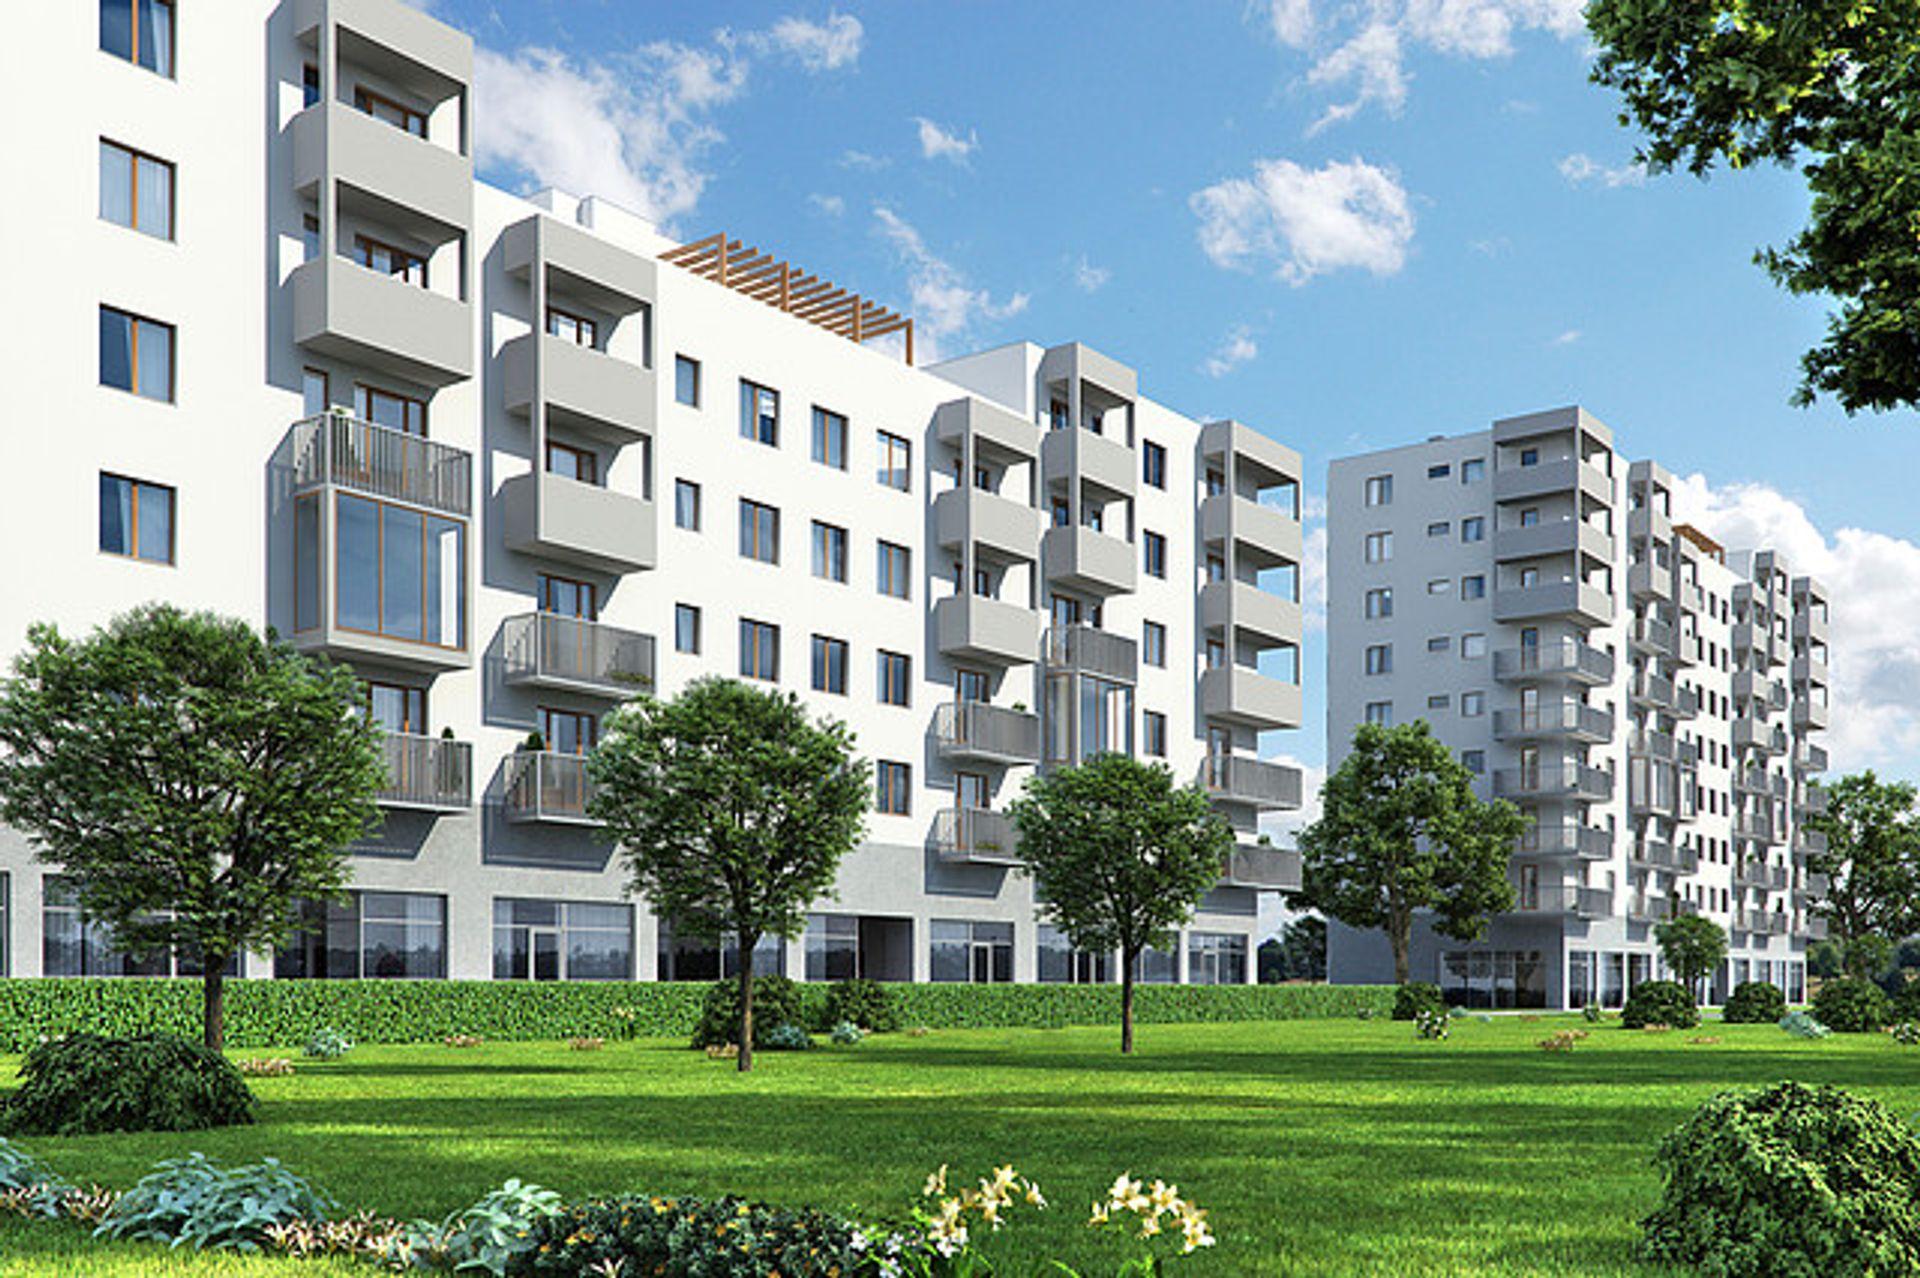 [Warszawa] W Warszawie wzrosło zainteresowanie mieszkaniami pod wynajem